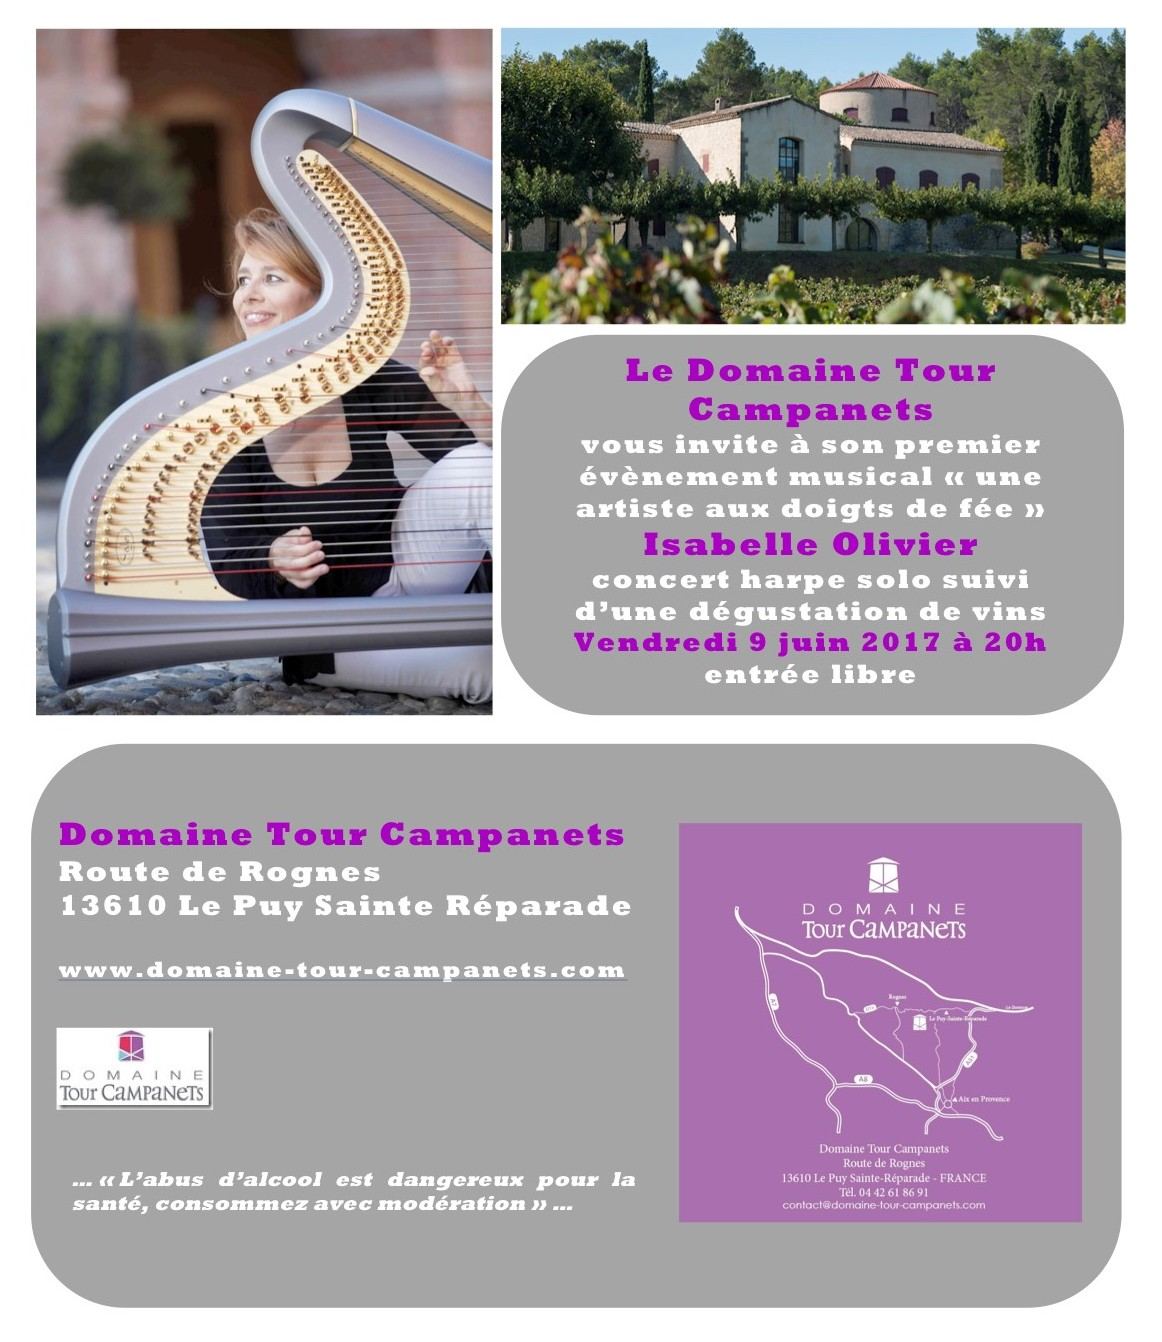 Evènement Musical concert de harpe au DOMAINE TOUR CAMPANETS vendredi 9 juin 2017